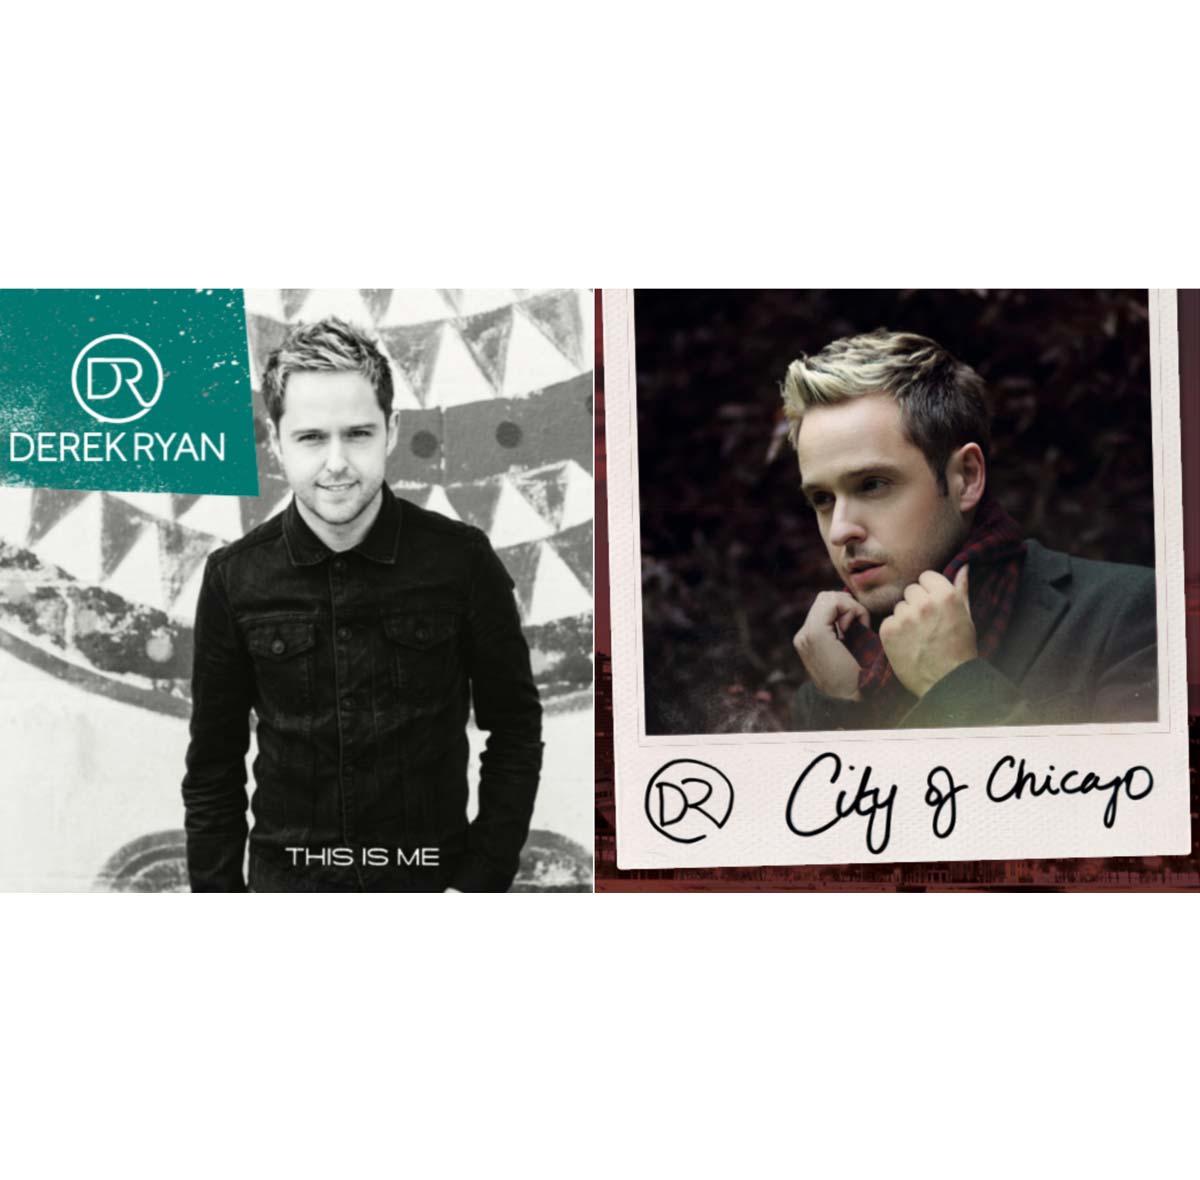 Derek Ryans Double Single Release